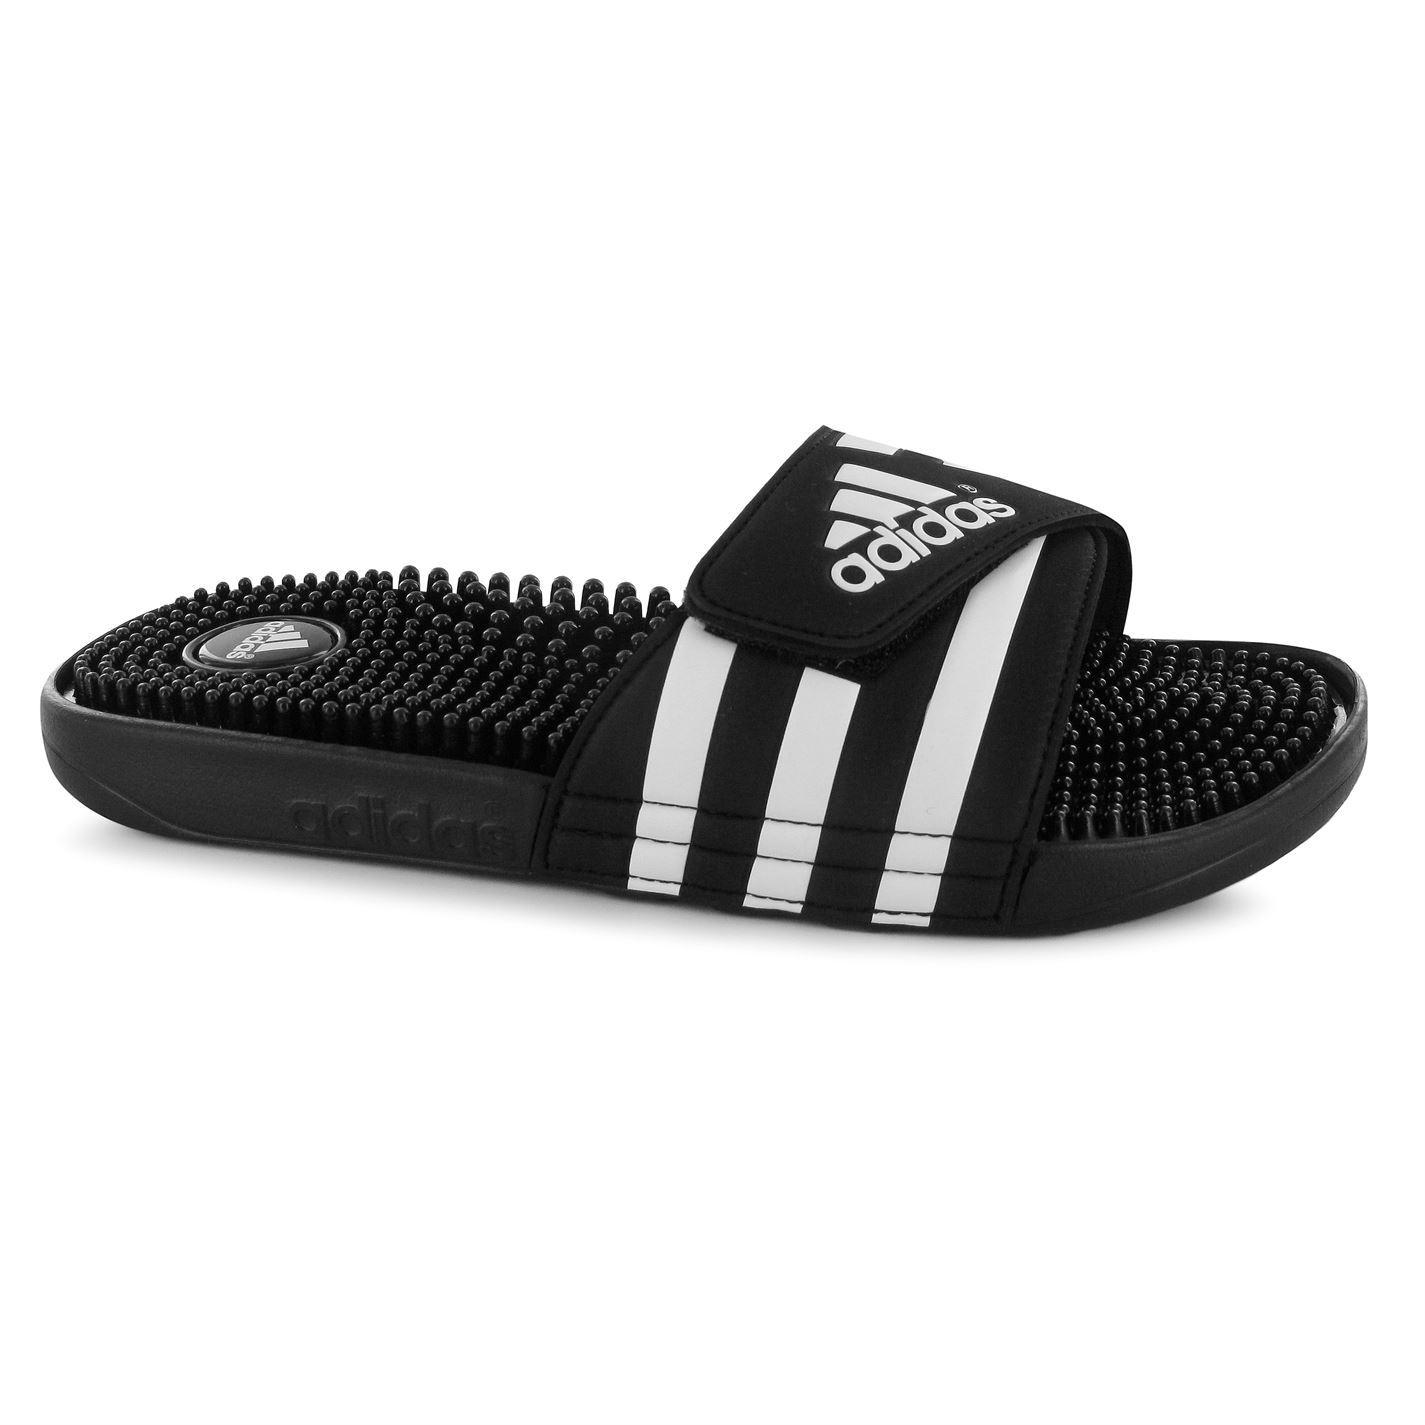 Comprar Adidas Slip - ons Slip en sandalias y zapatos de playa para hombres ebay